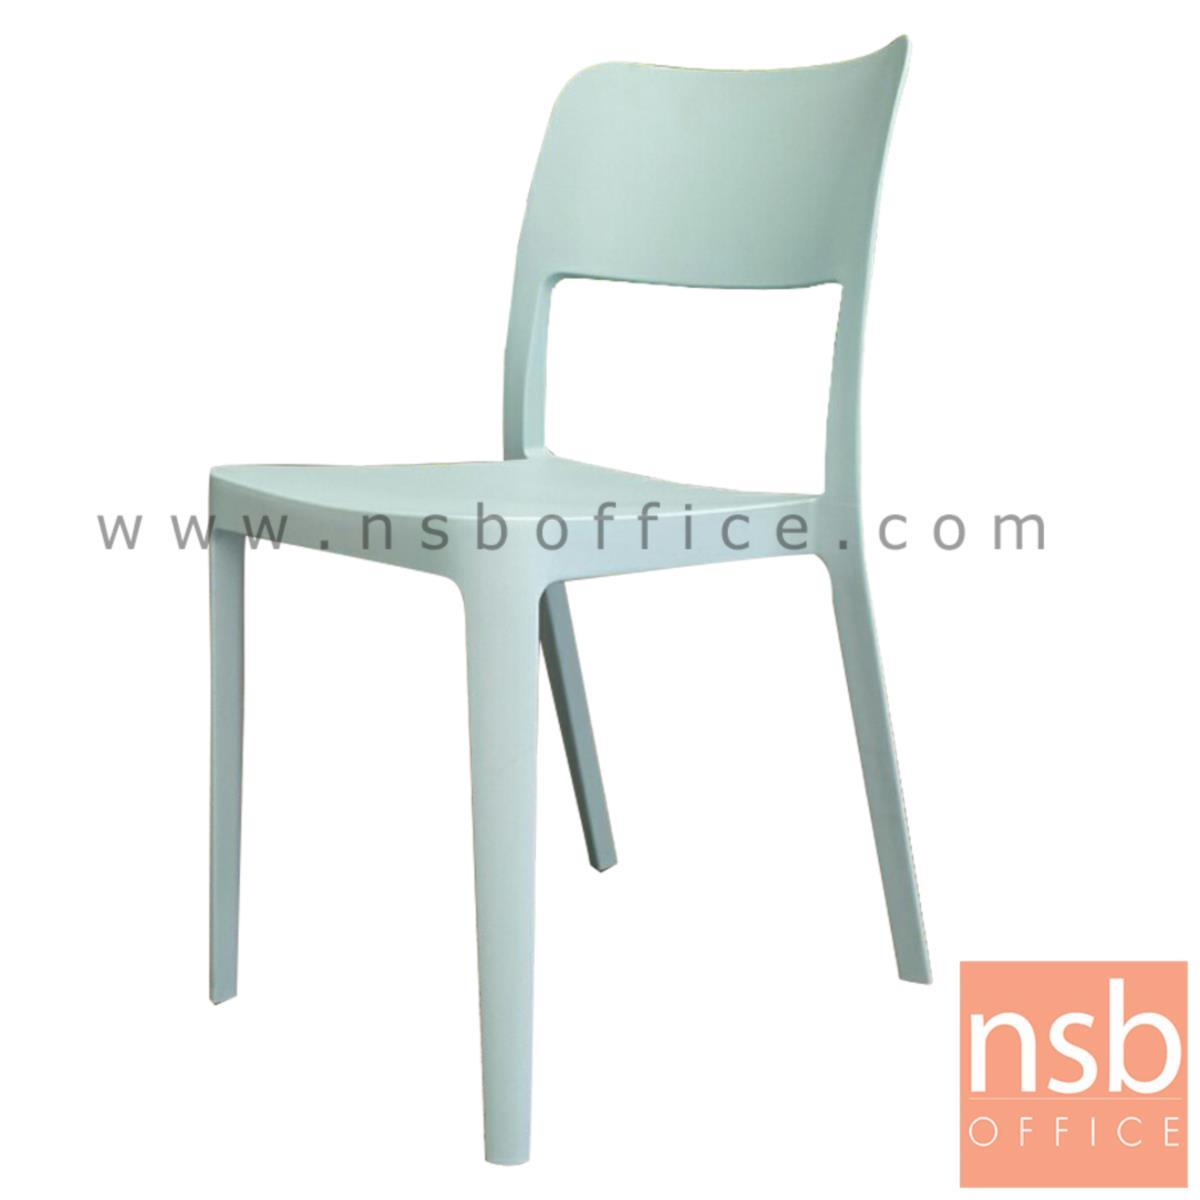 B11A042:เก้าอี้พลาสติกโมเดิร์น รุ่น Mika (มิกะ)  ไม่มีท้าวแขน